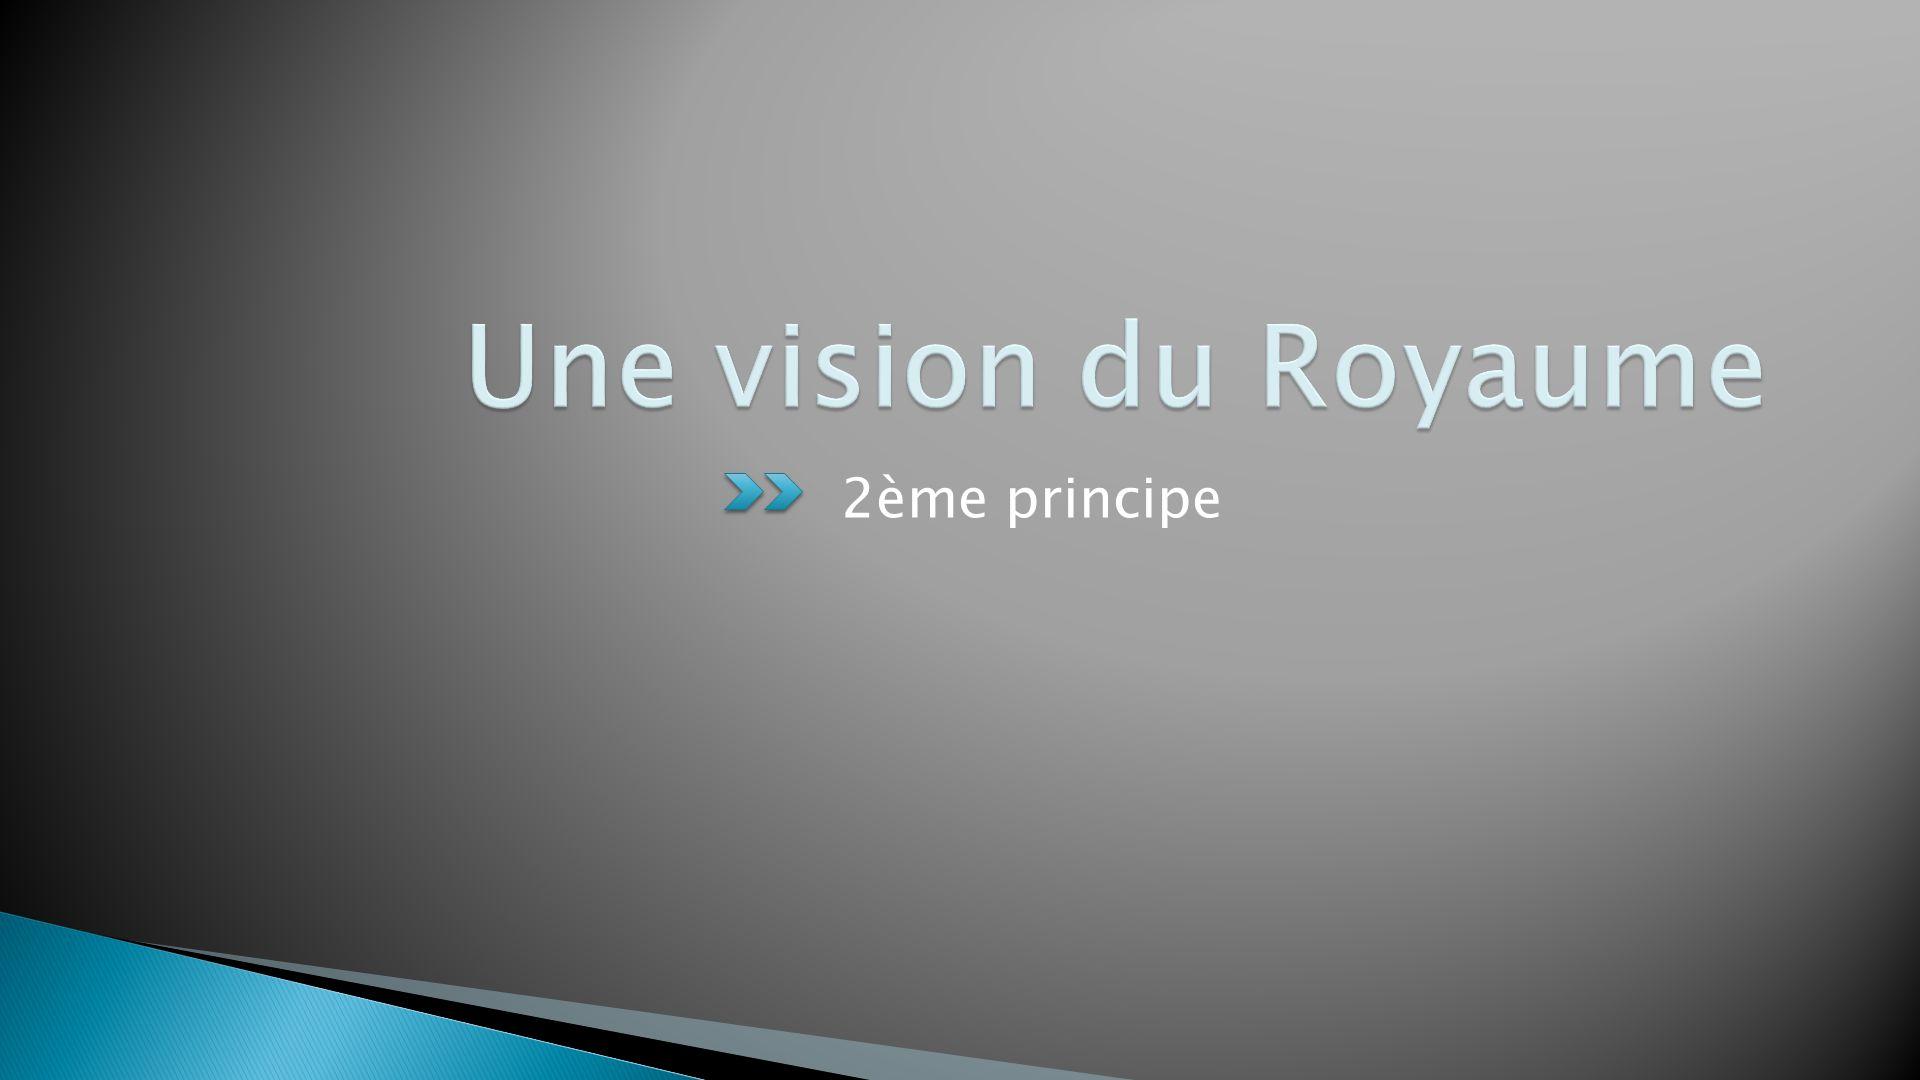 Une vision du Royaume 2ème principe